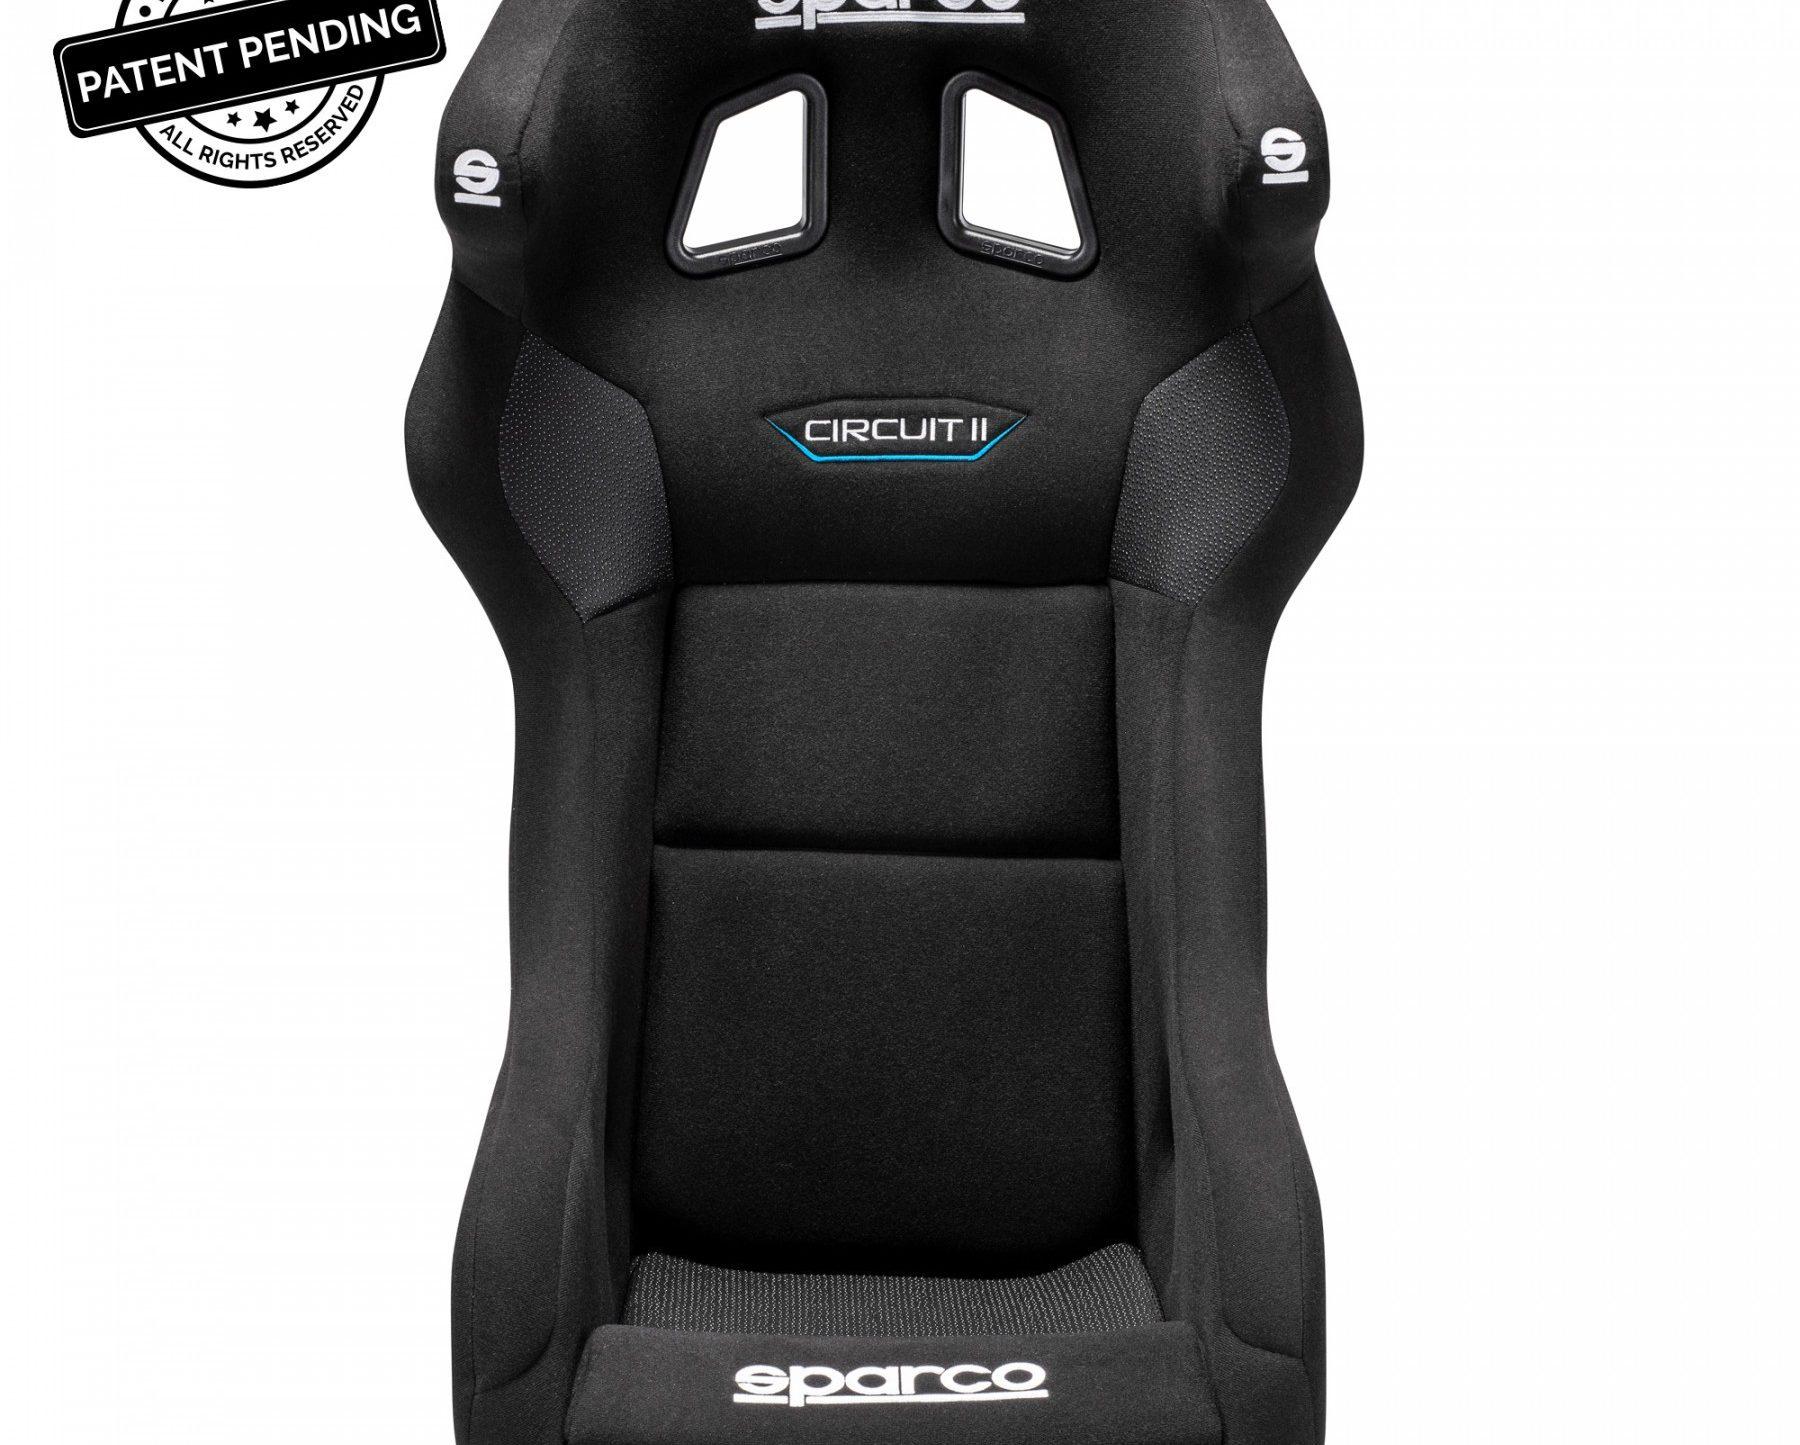 Нов продукт: Sparco Circuitt II QRT, Racing Seat